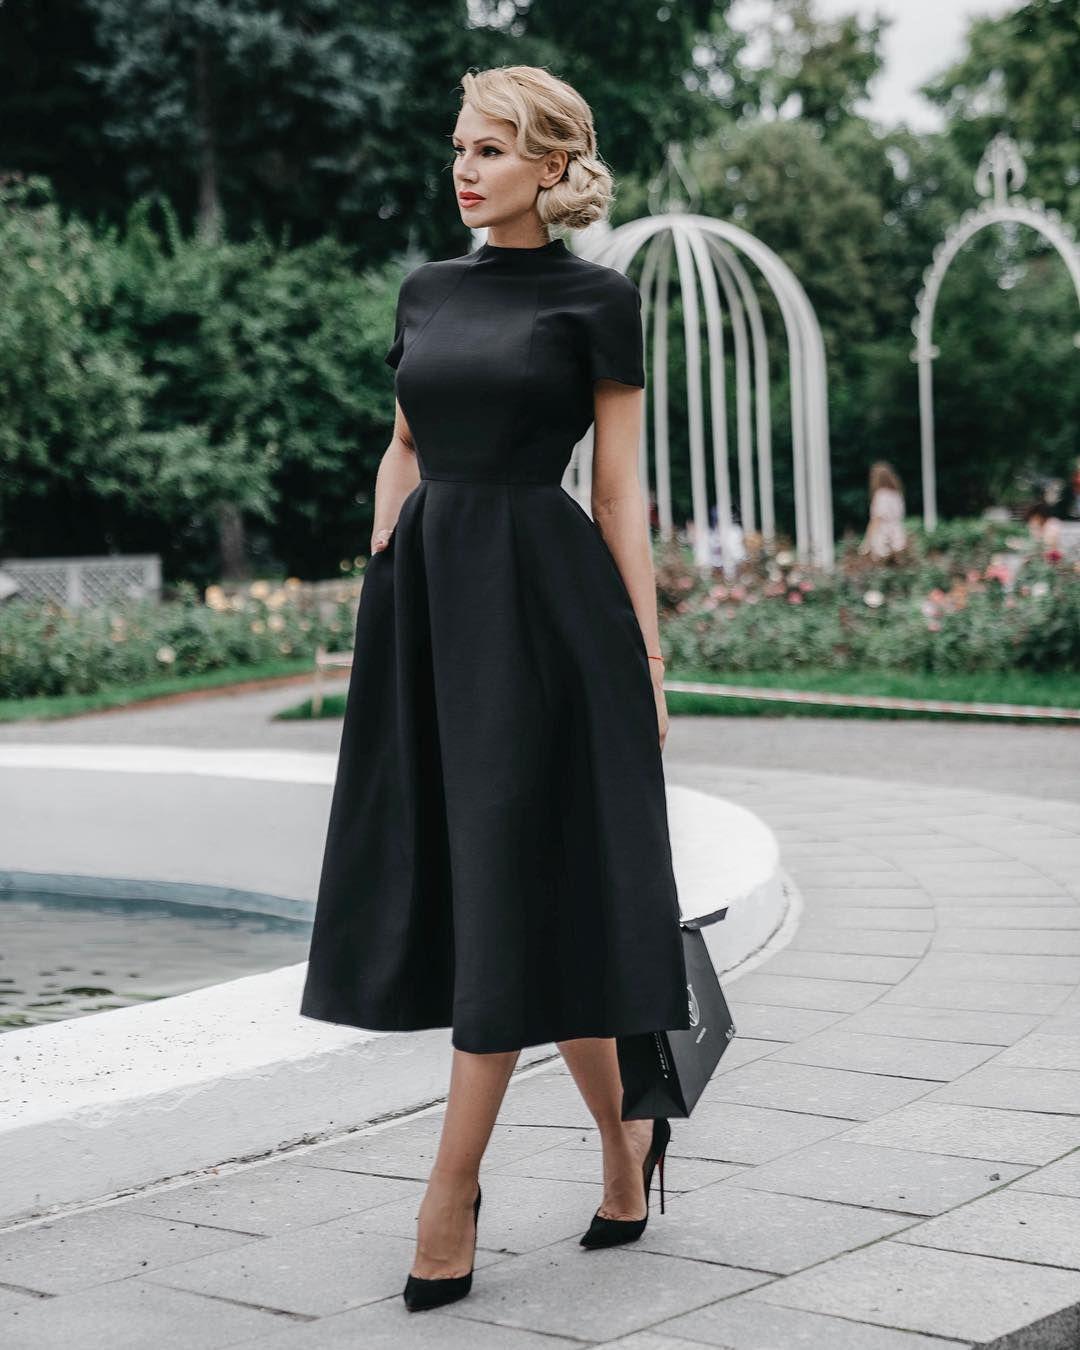 Женщина роскошна в двух случая   Платья, Модные стили, Модные образы